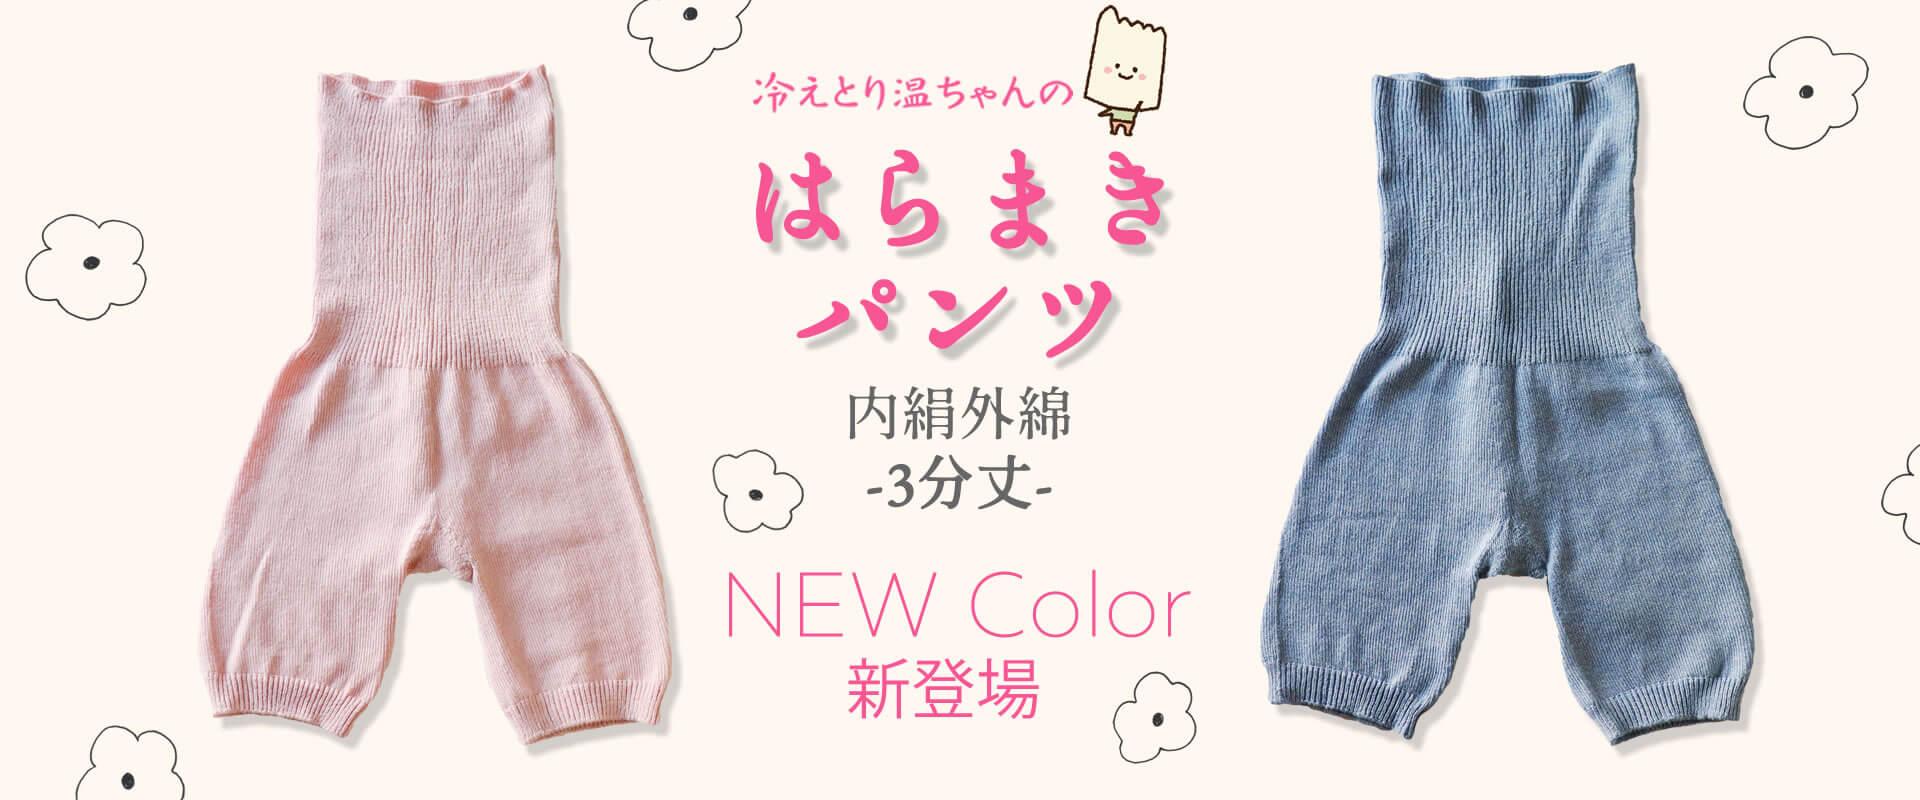 冷えとり温ちゃんのはらまきパンツ 3分丈にピンクとブルーが新登場!